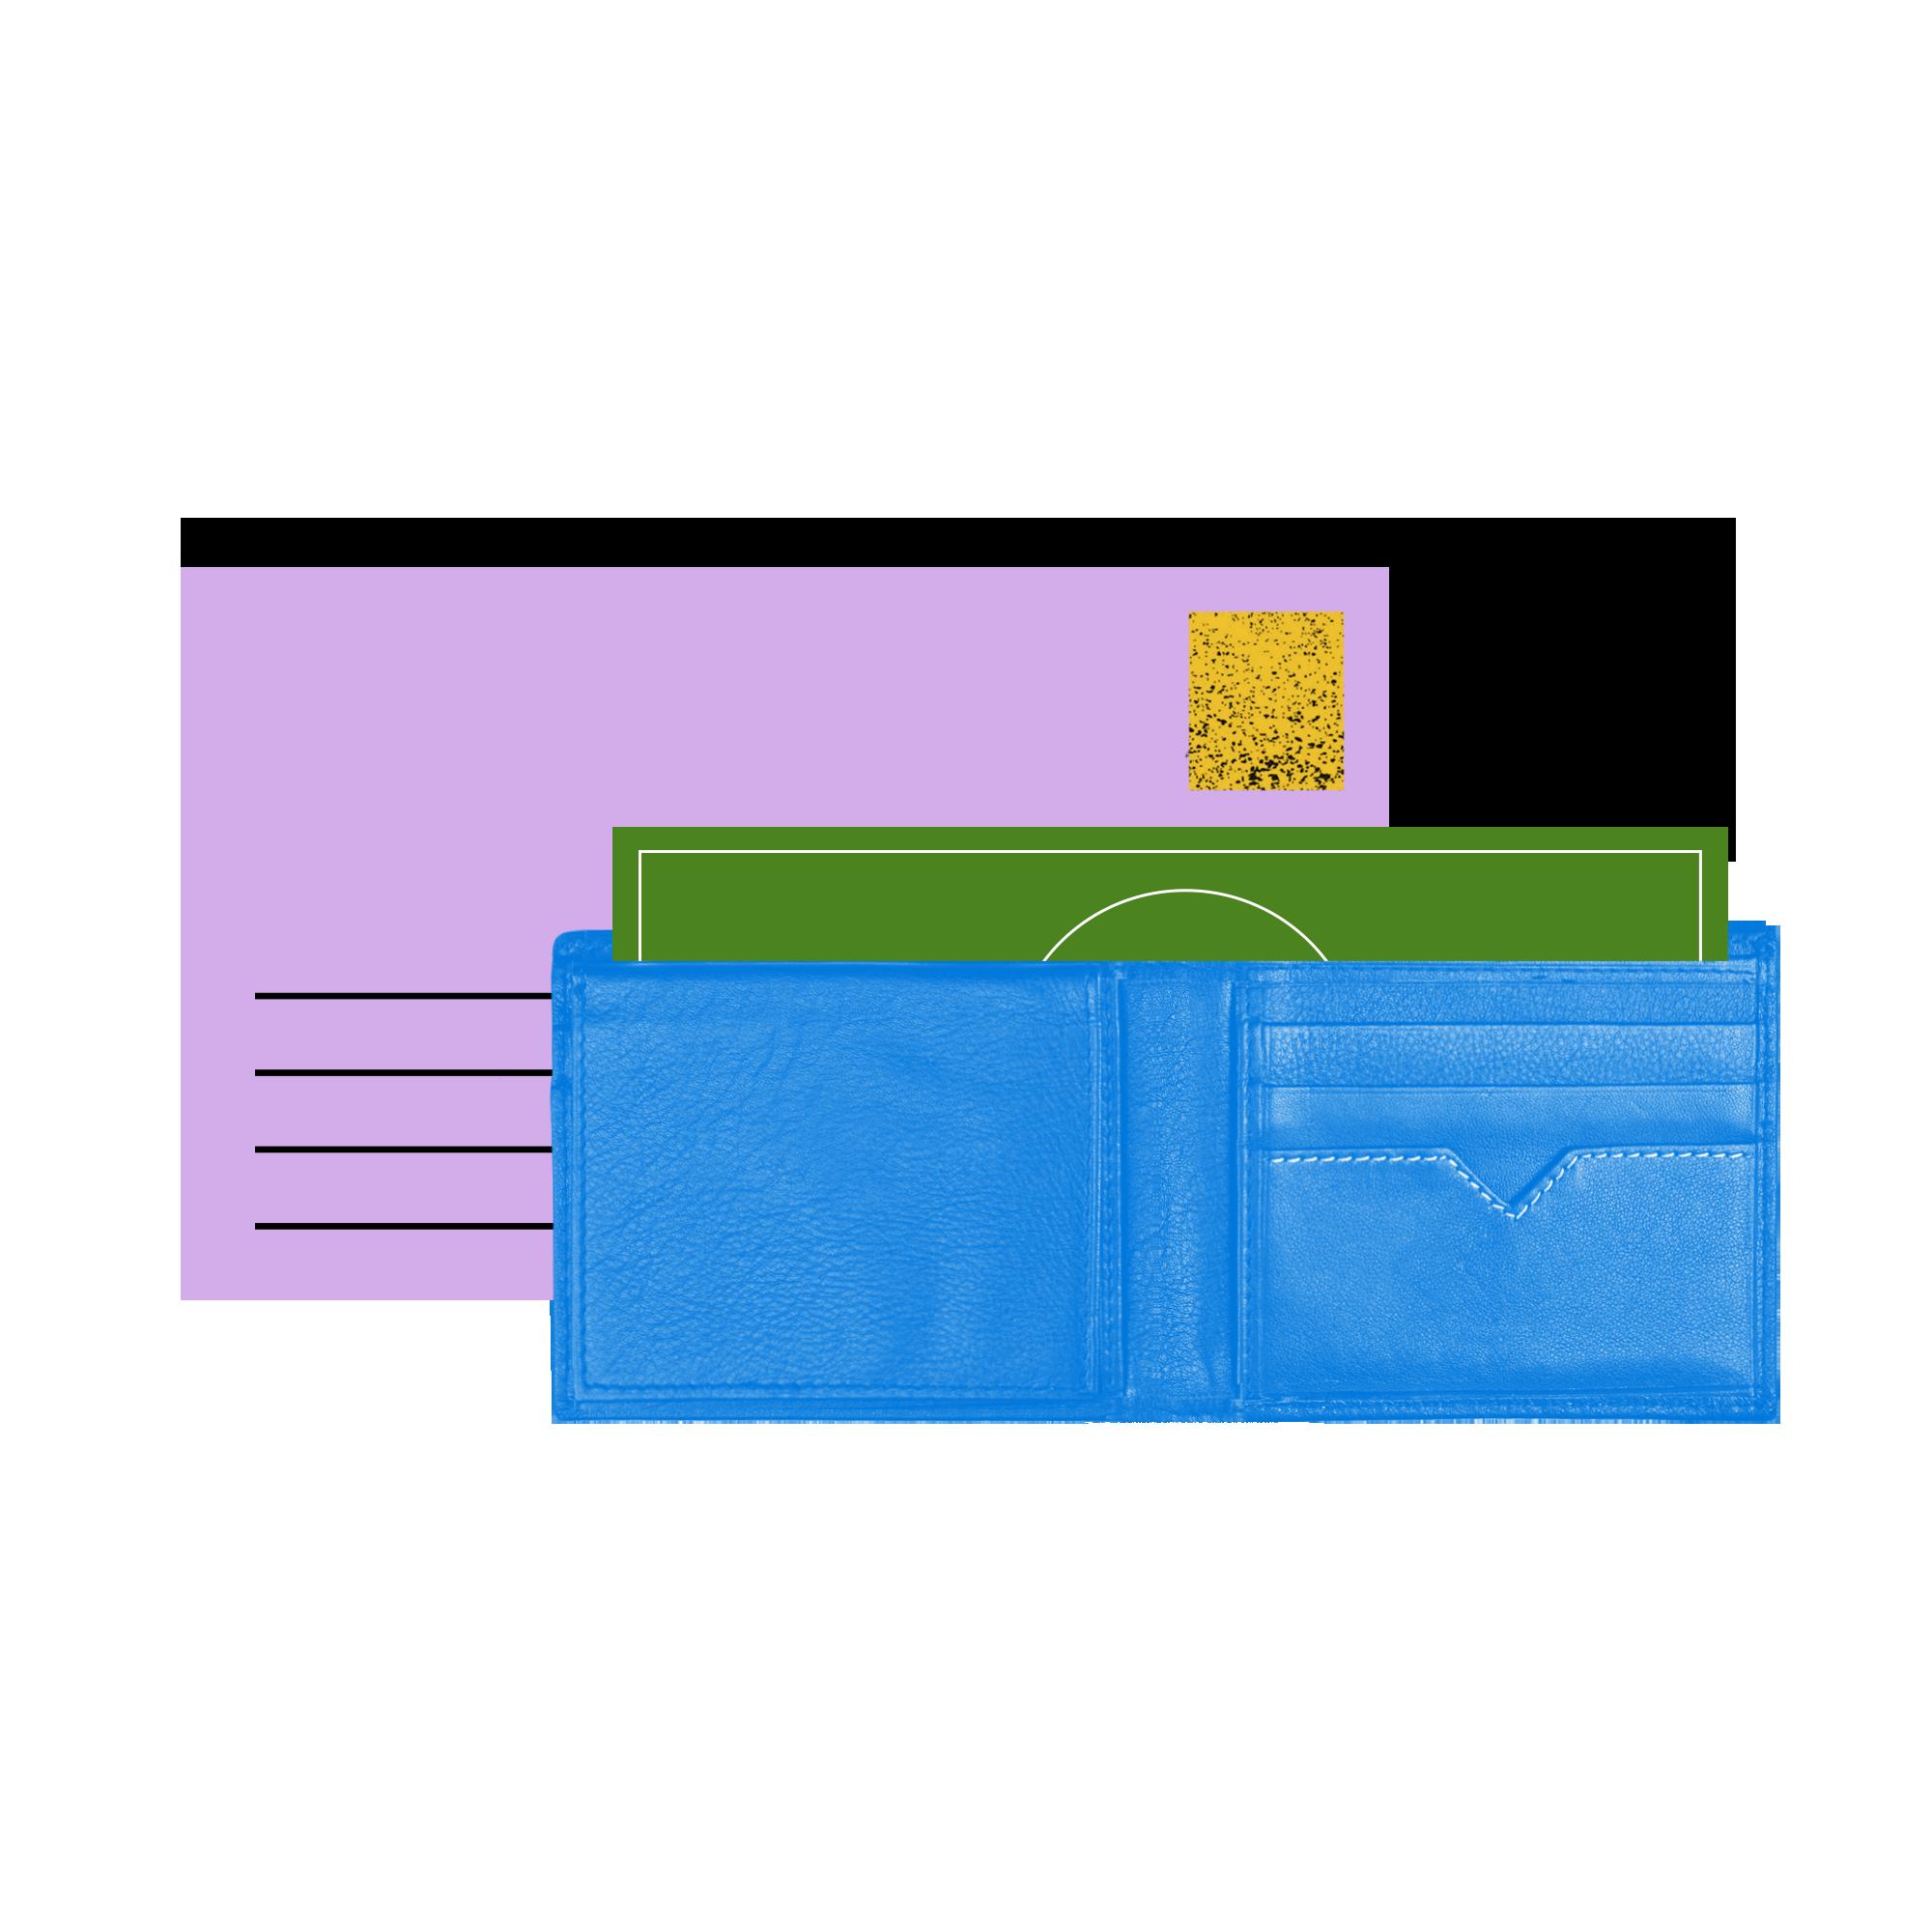 Cómo bajar la tasa de interés de su tarjeta de crédito